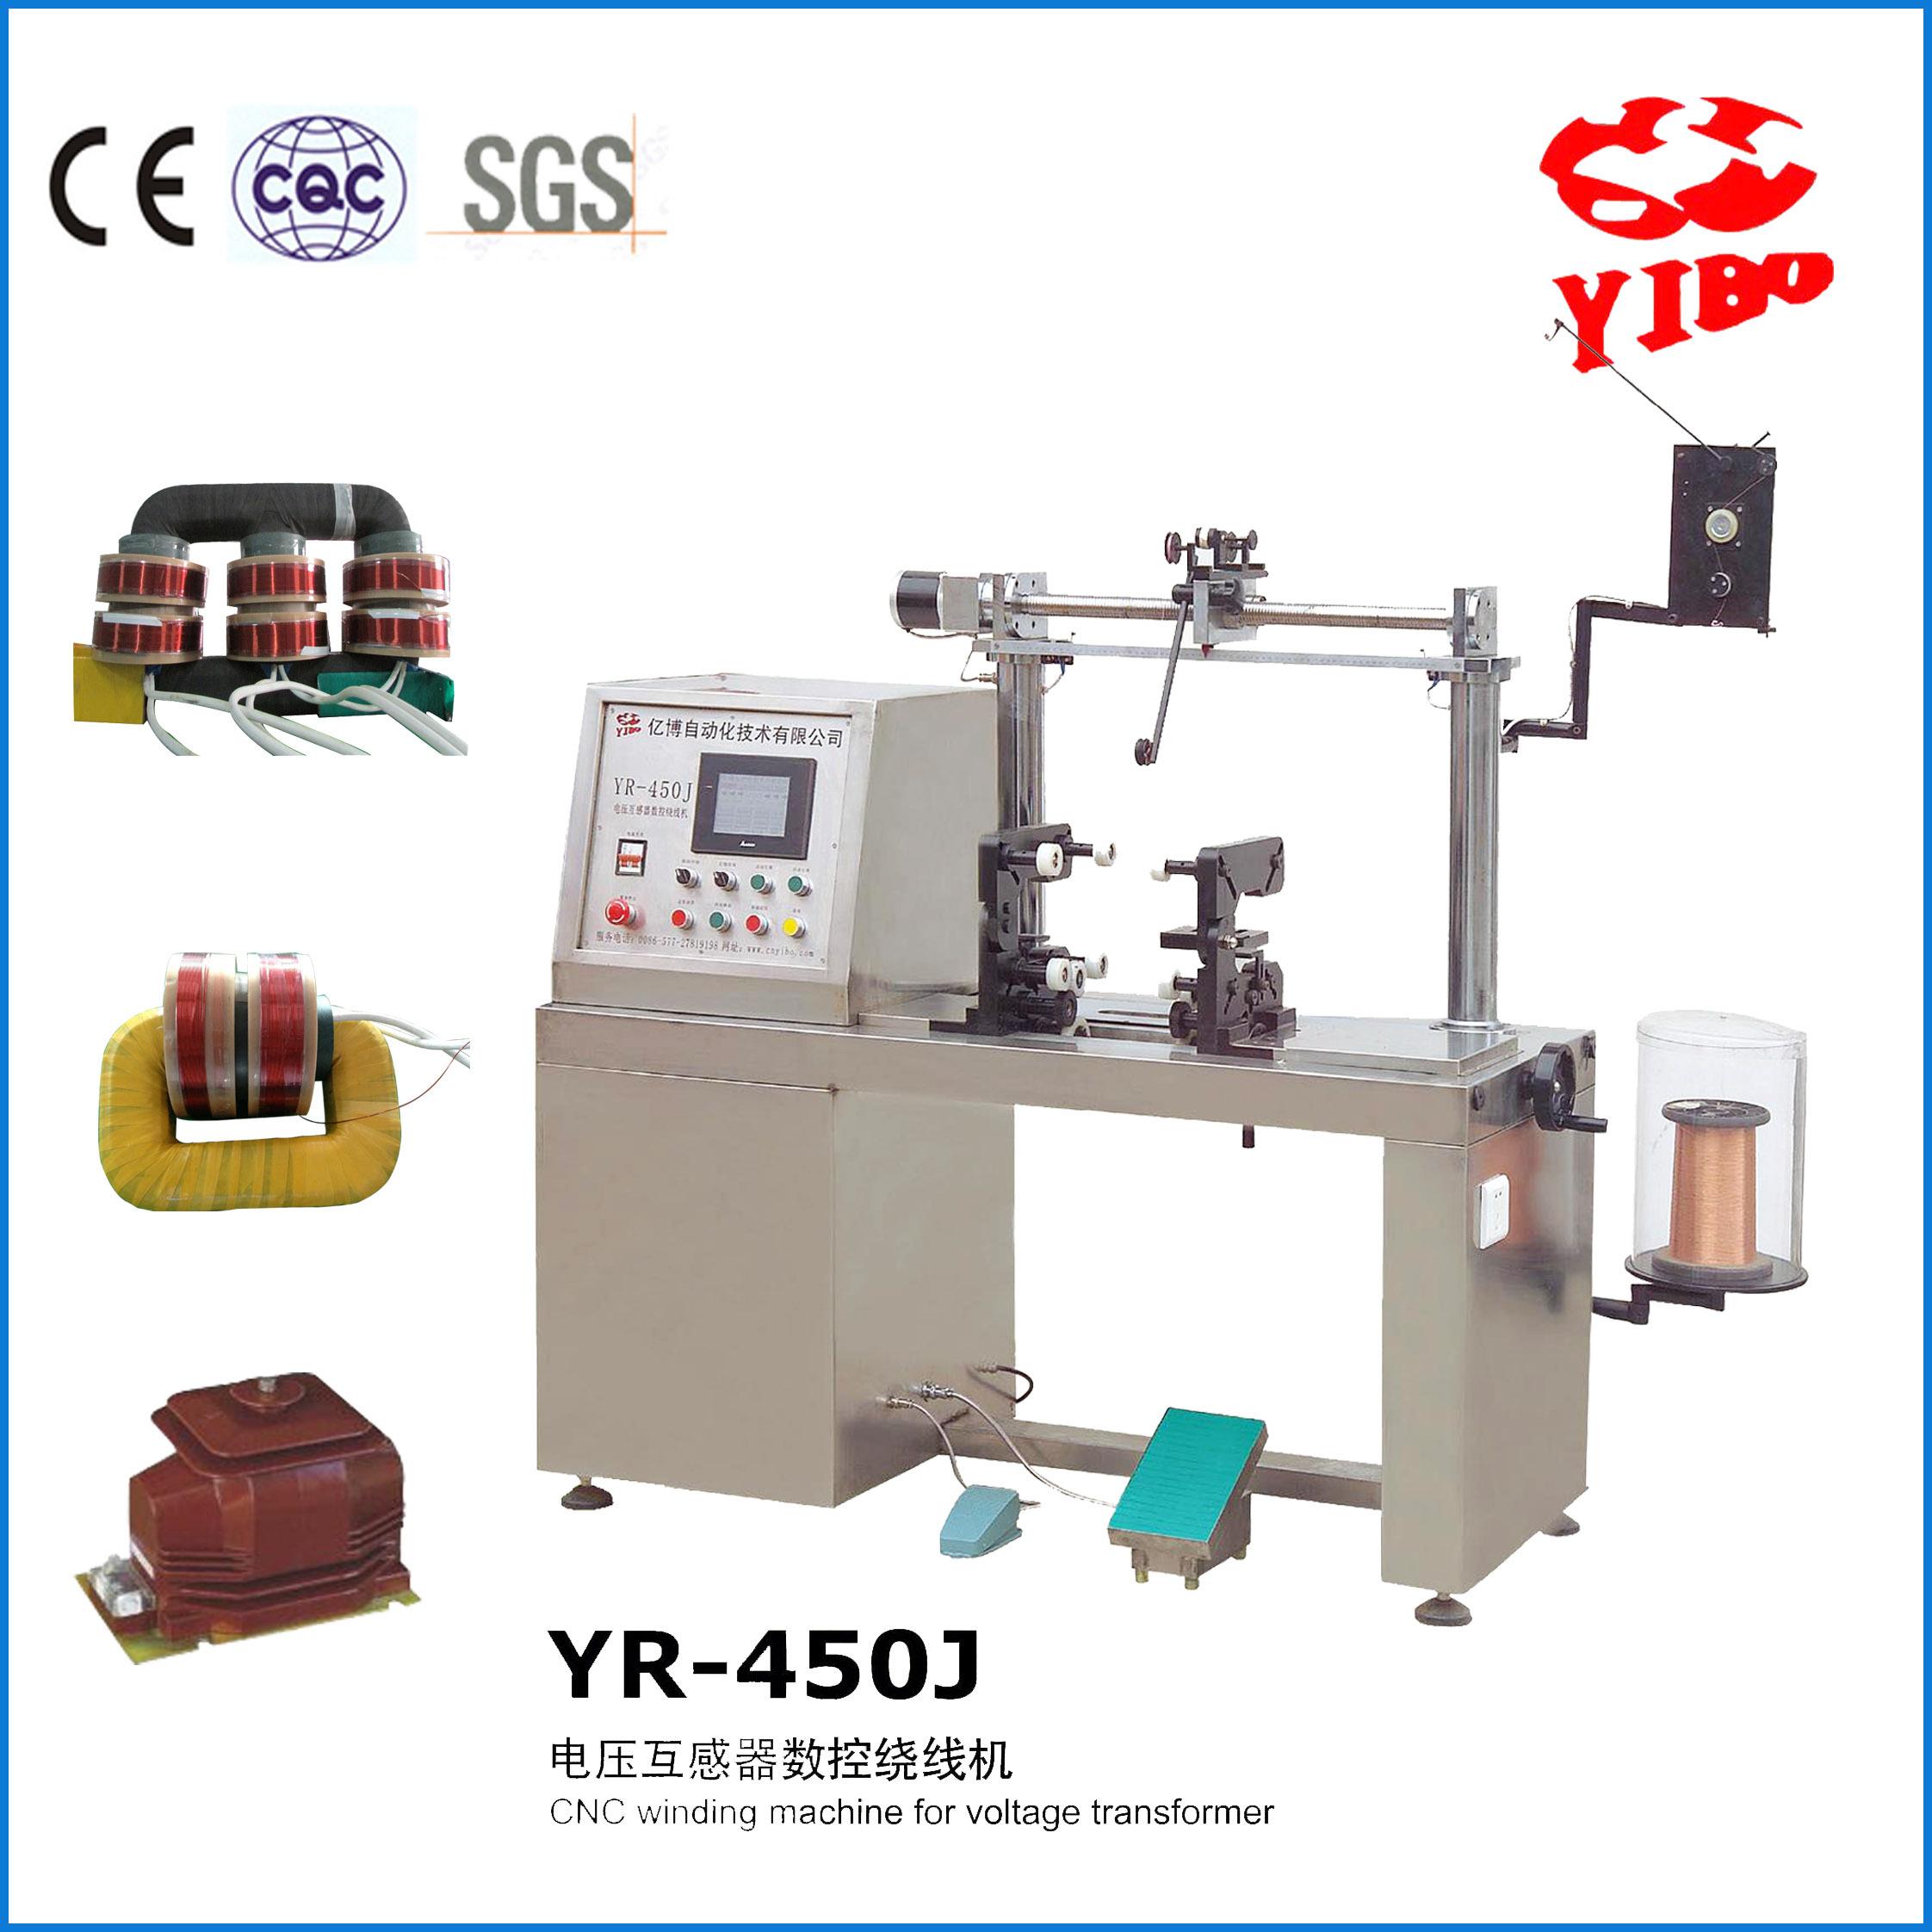 江西亿博 YR-450J 35KV电压互感器高速精密排线数控一次绕线机winding machine